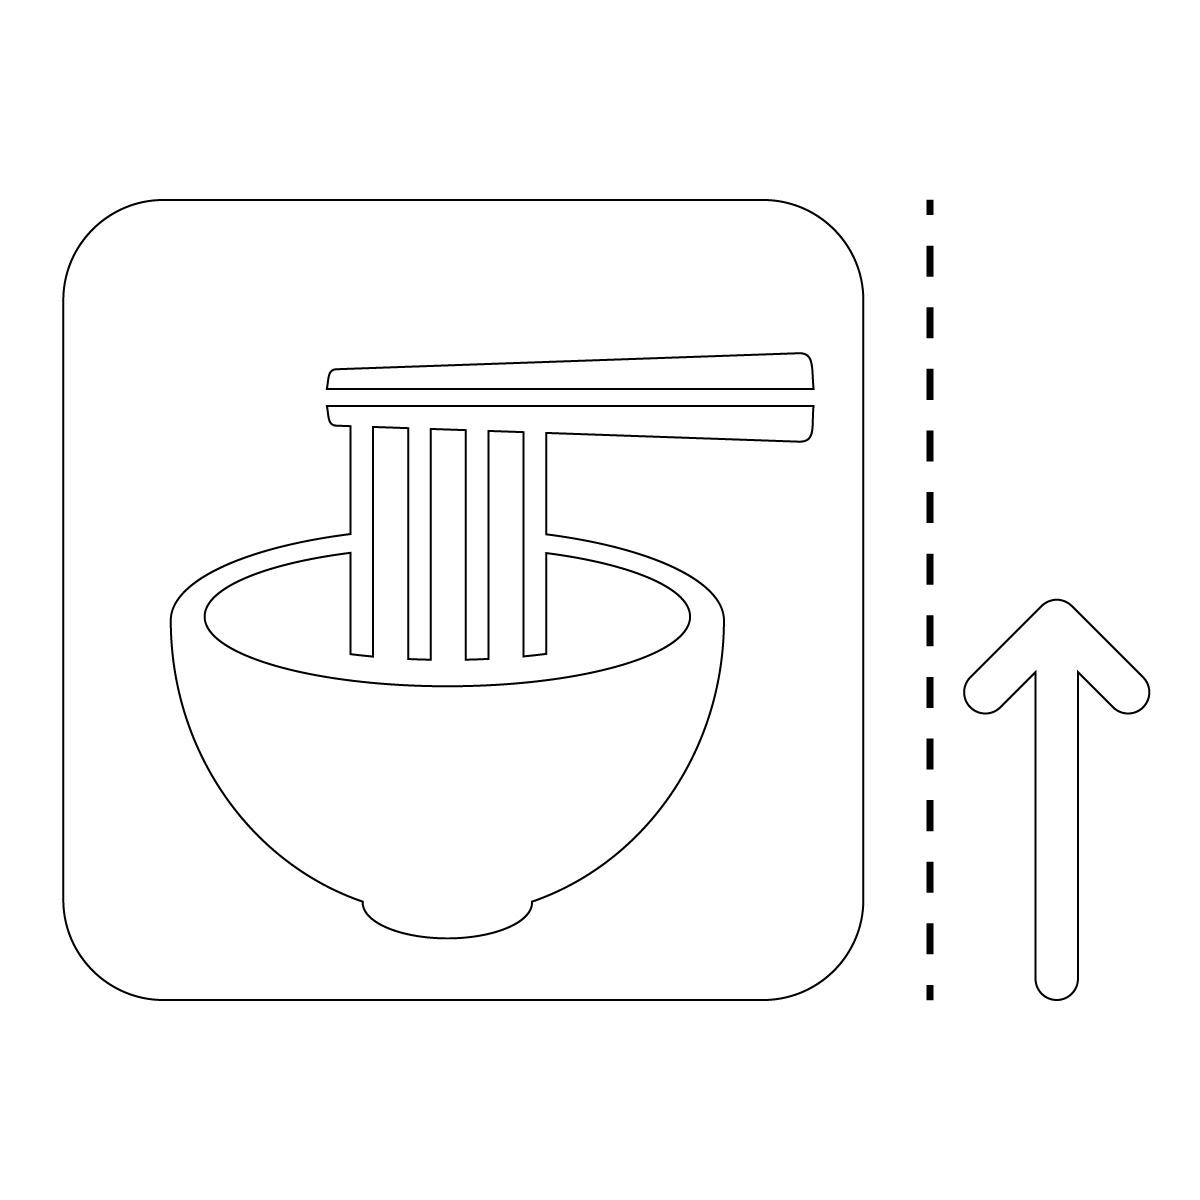 白色のラーメン・食事処案内マーク(矢印付き)のカッティングステッカー・シール